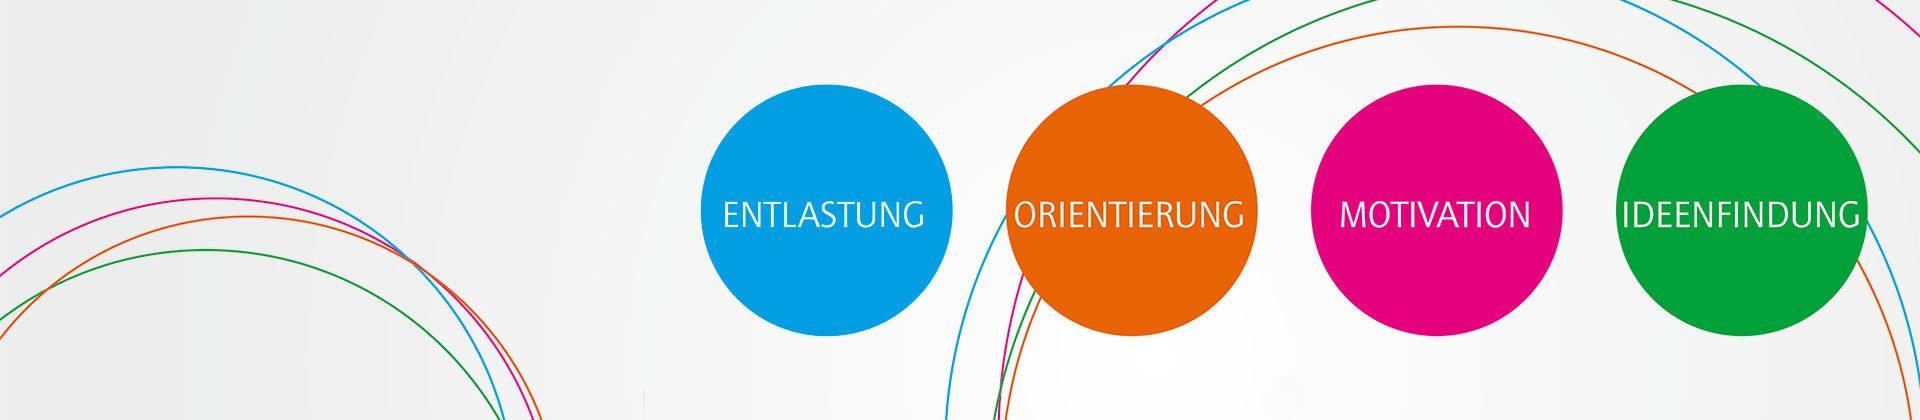 grafikneu_sozialeBeratung-banner-1920x423px